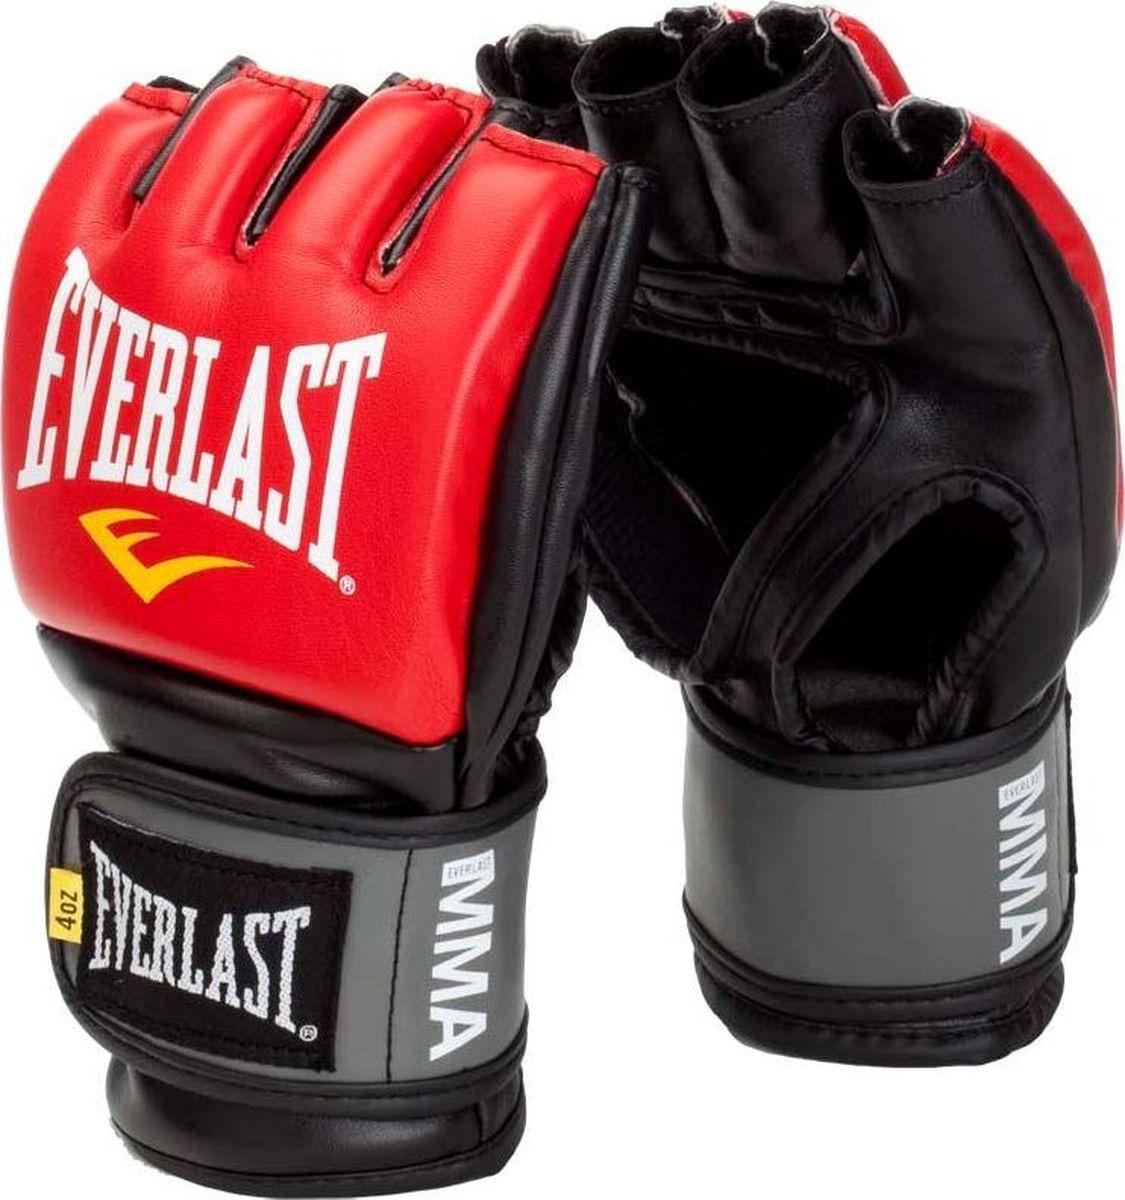 Перчатки для единоборств Everlast Pro Style Grappling, тренировочные, 7778RSMU, красный, размер S/M перчатки тренировочные everlast pro style elite